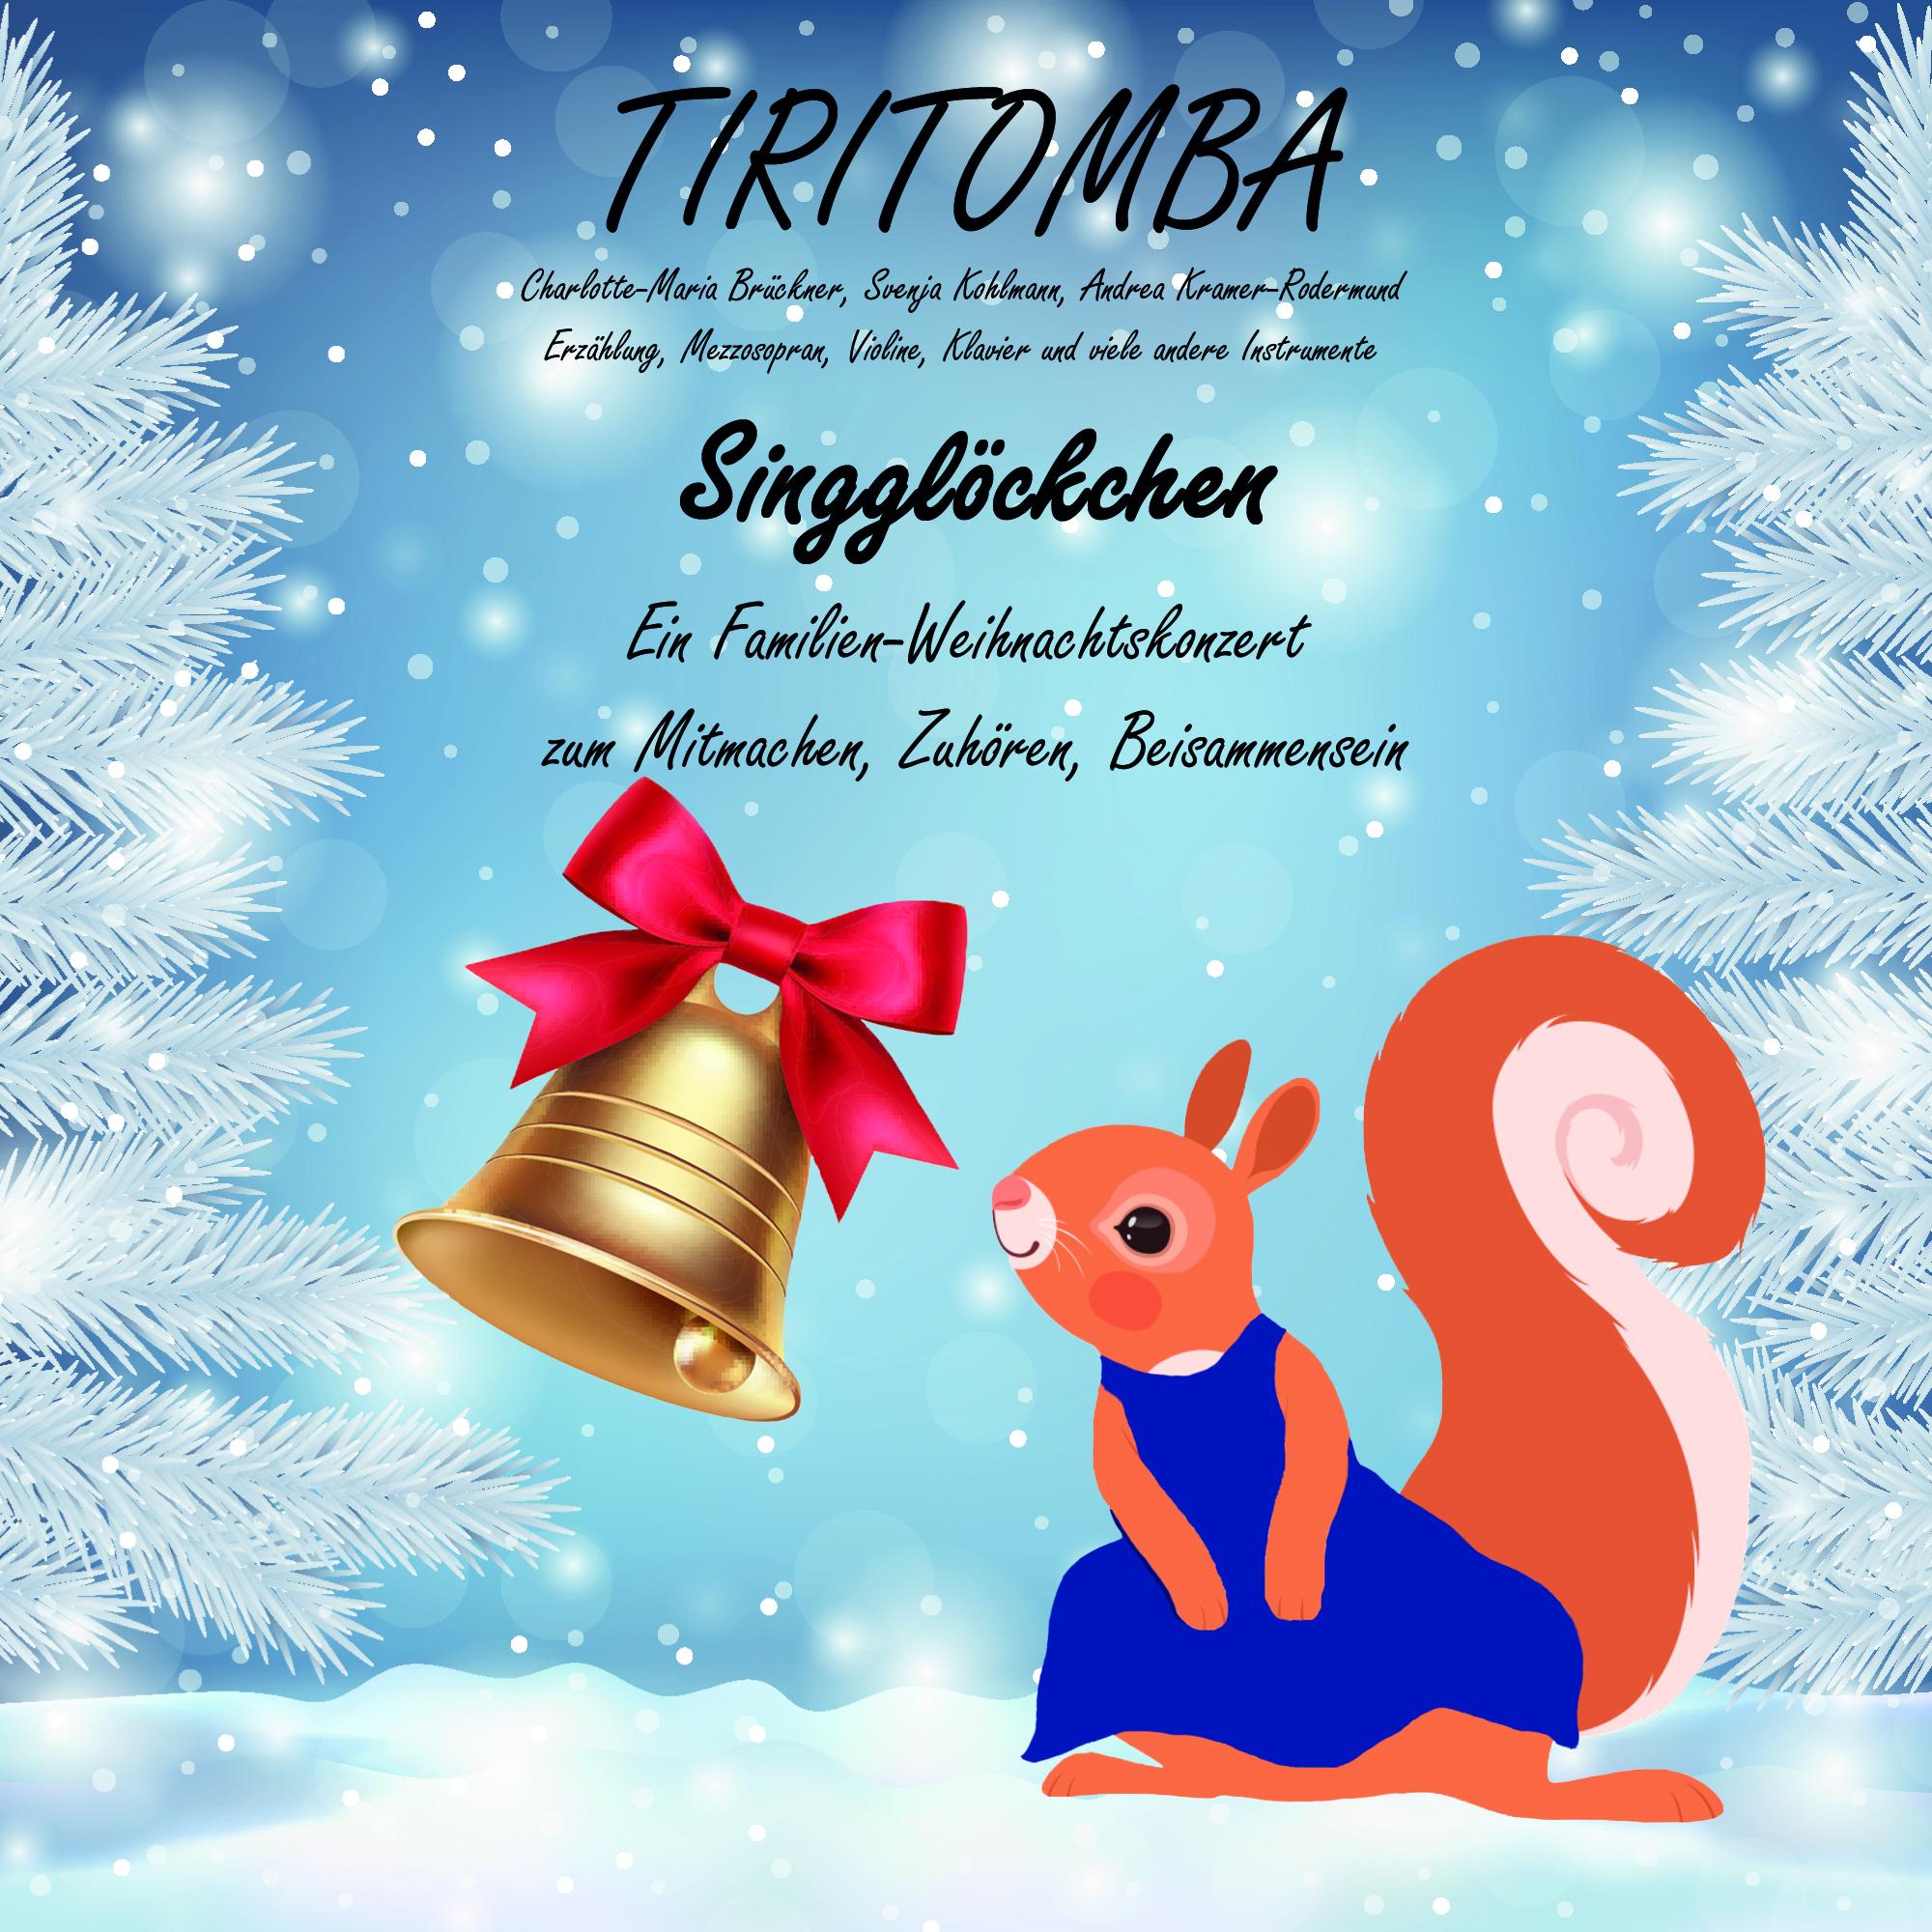 Tiritomba - Singglöckchen